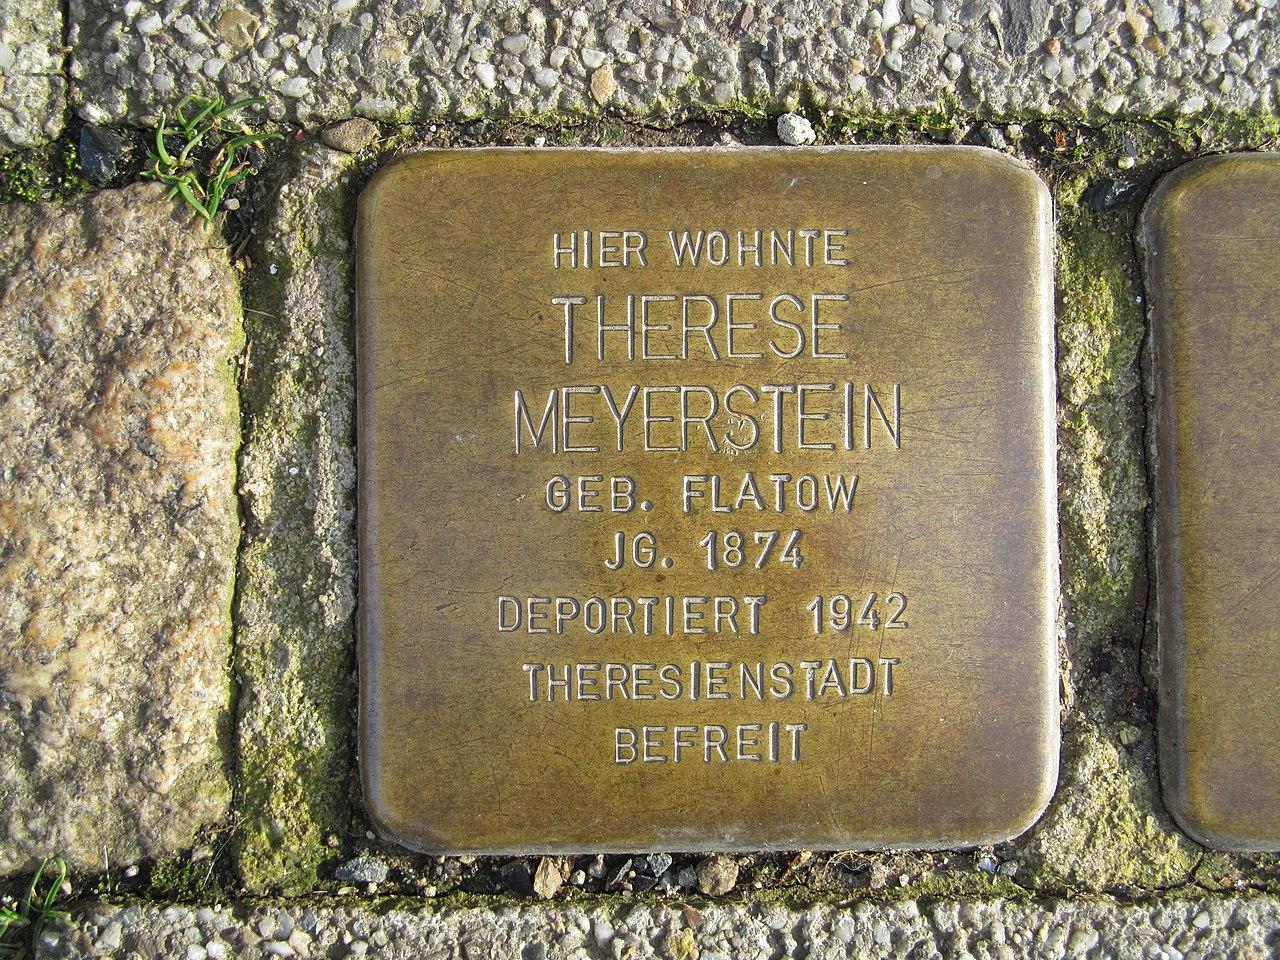 Stolperstein Therese Meyerstein, 1, Kylische Straße 9, Sangerhausen, Landkreis Mansfeld-Südharz.jpg